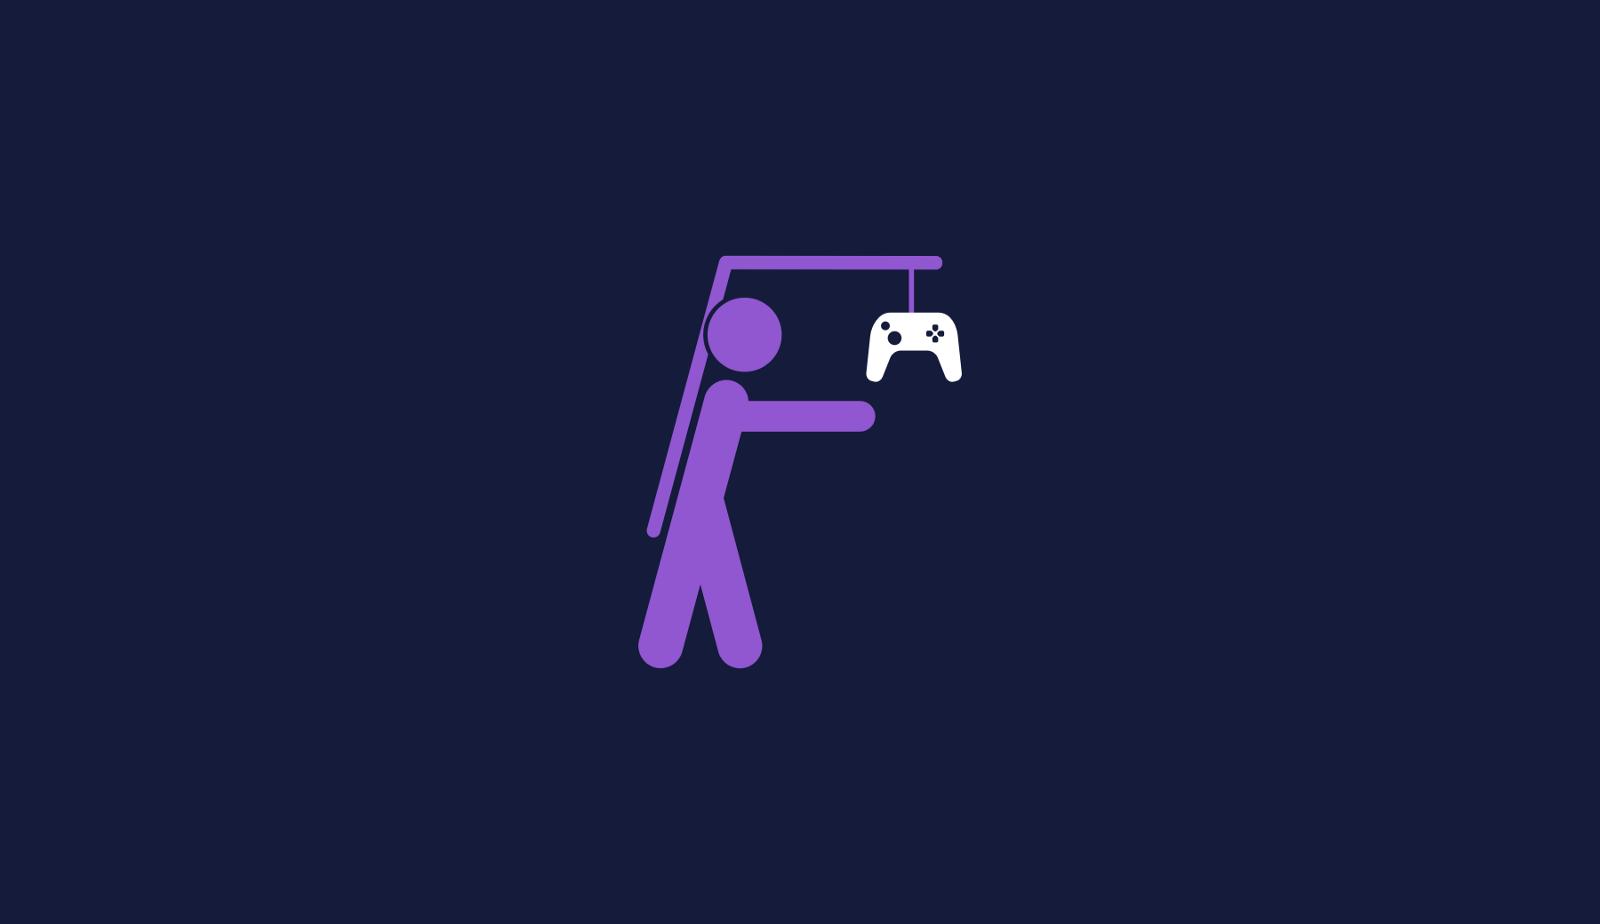 为什么说挫败感才是游戏化设计的核心?